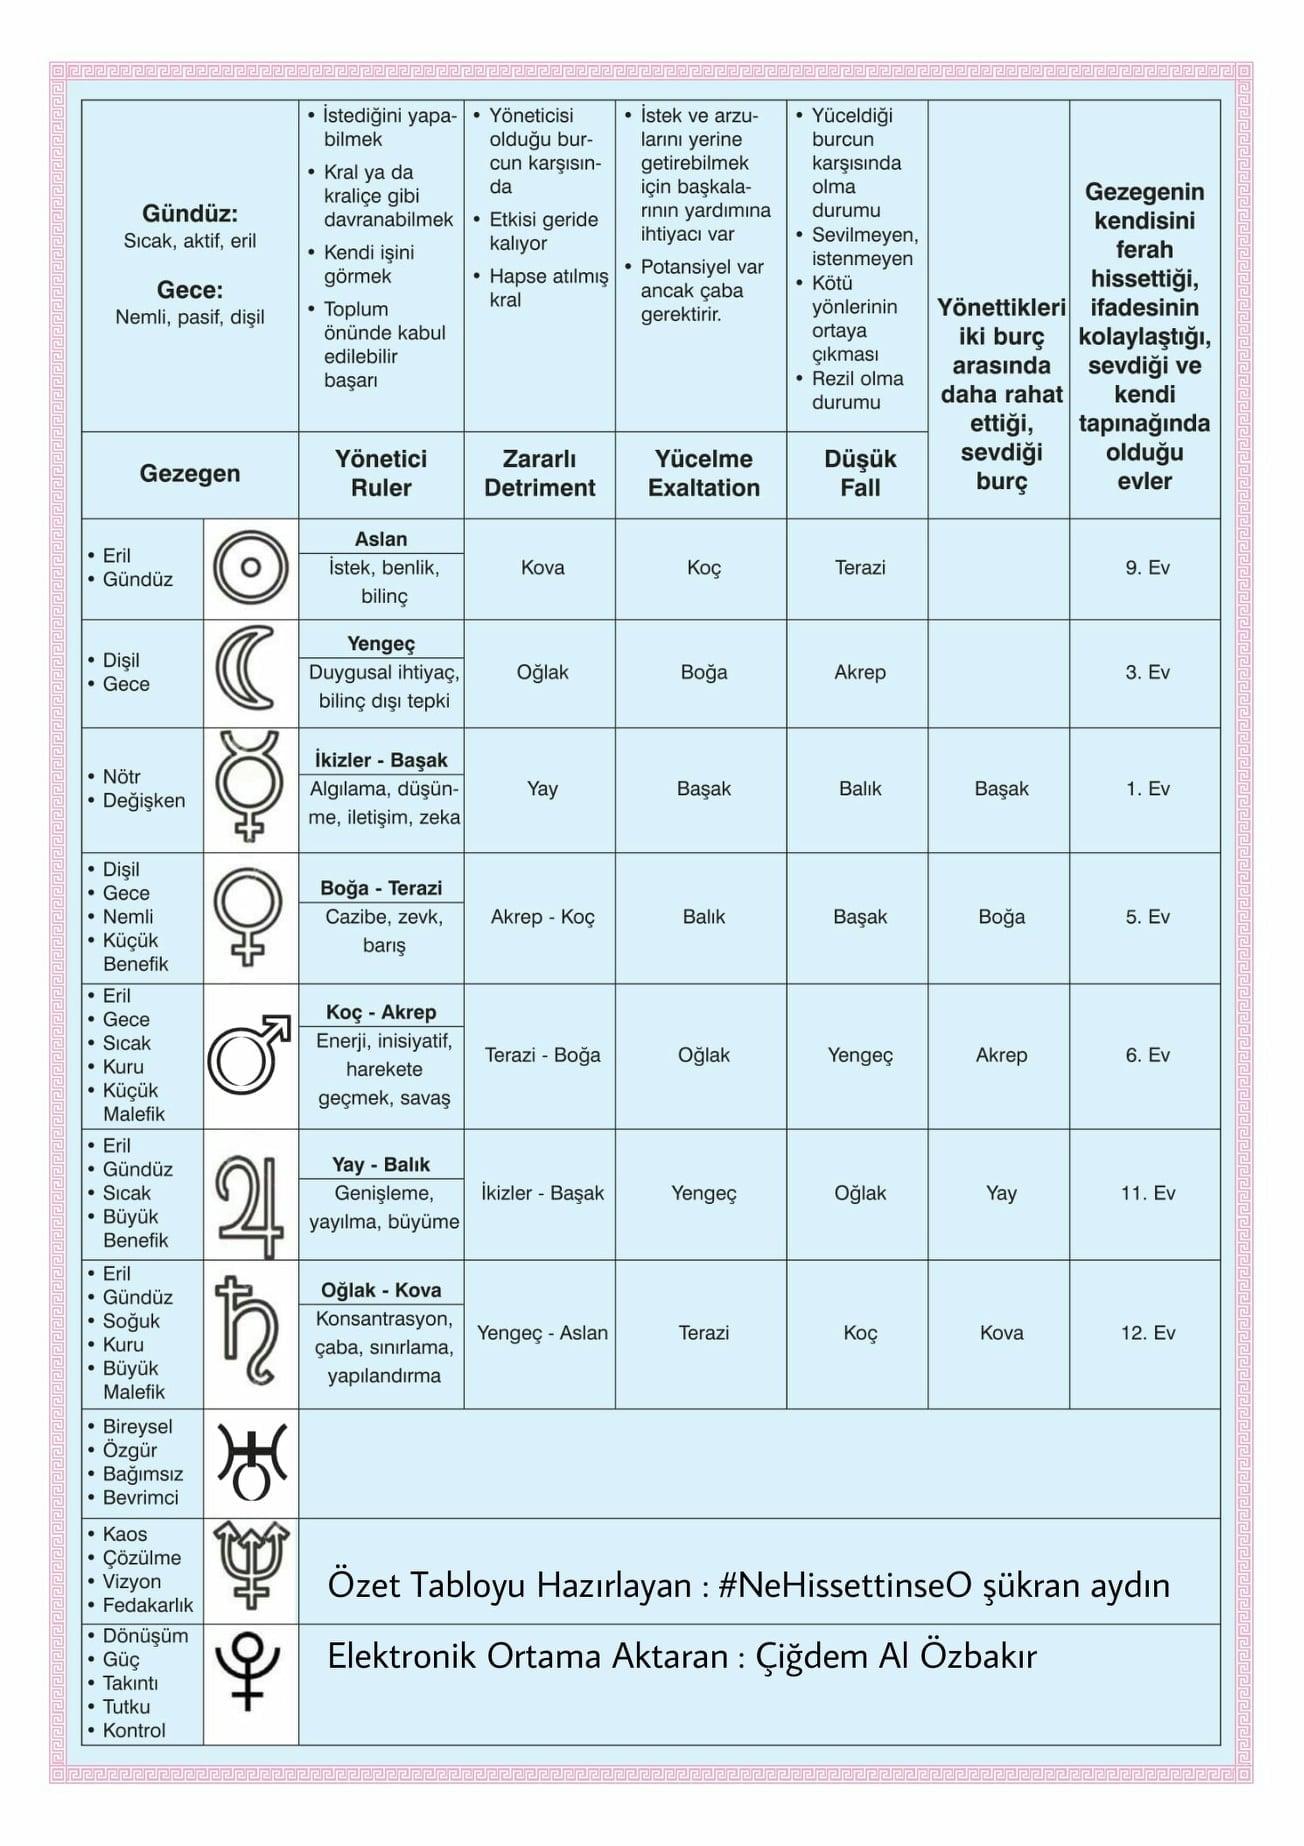 astroloji-sukran-aydin-gezegen-asalet-tablosu-nehissettinseo Gezegen Asalet Tablosu Astroloji